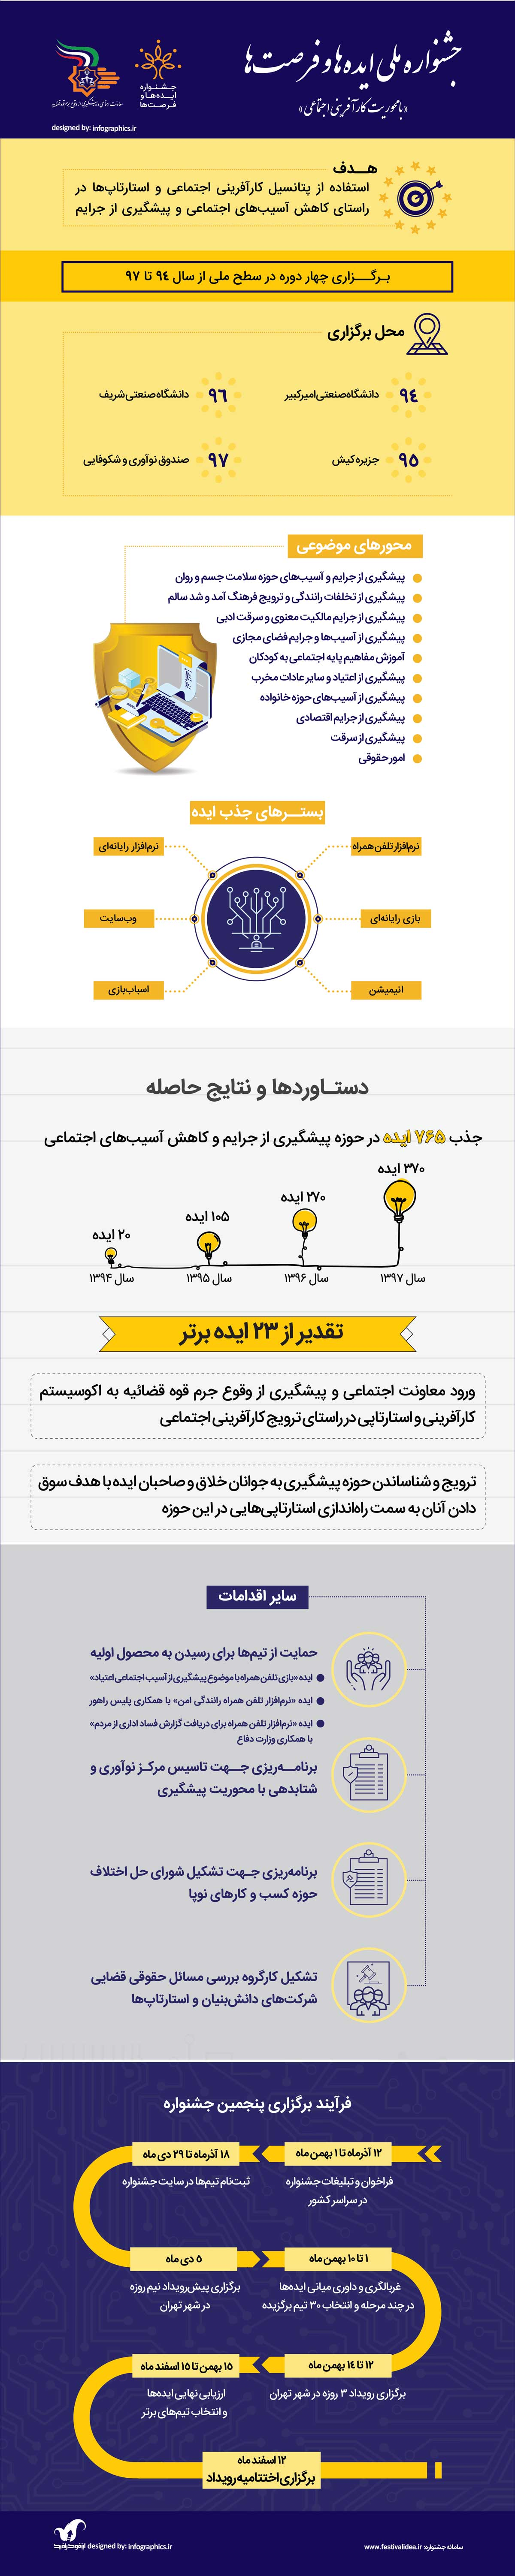 idea-info-16-09-98-01